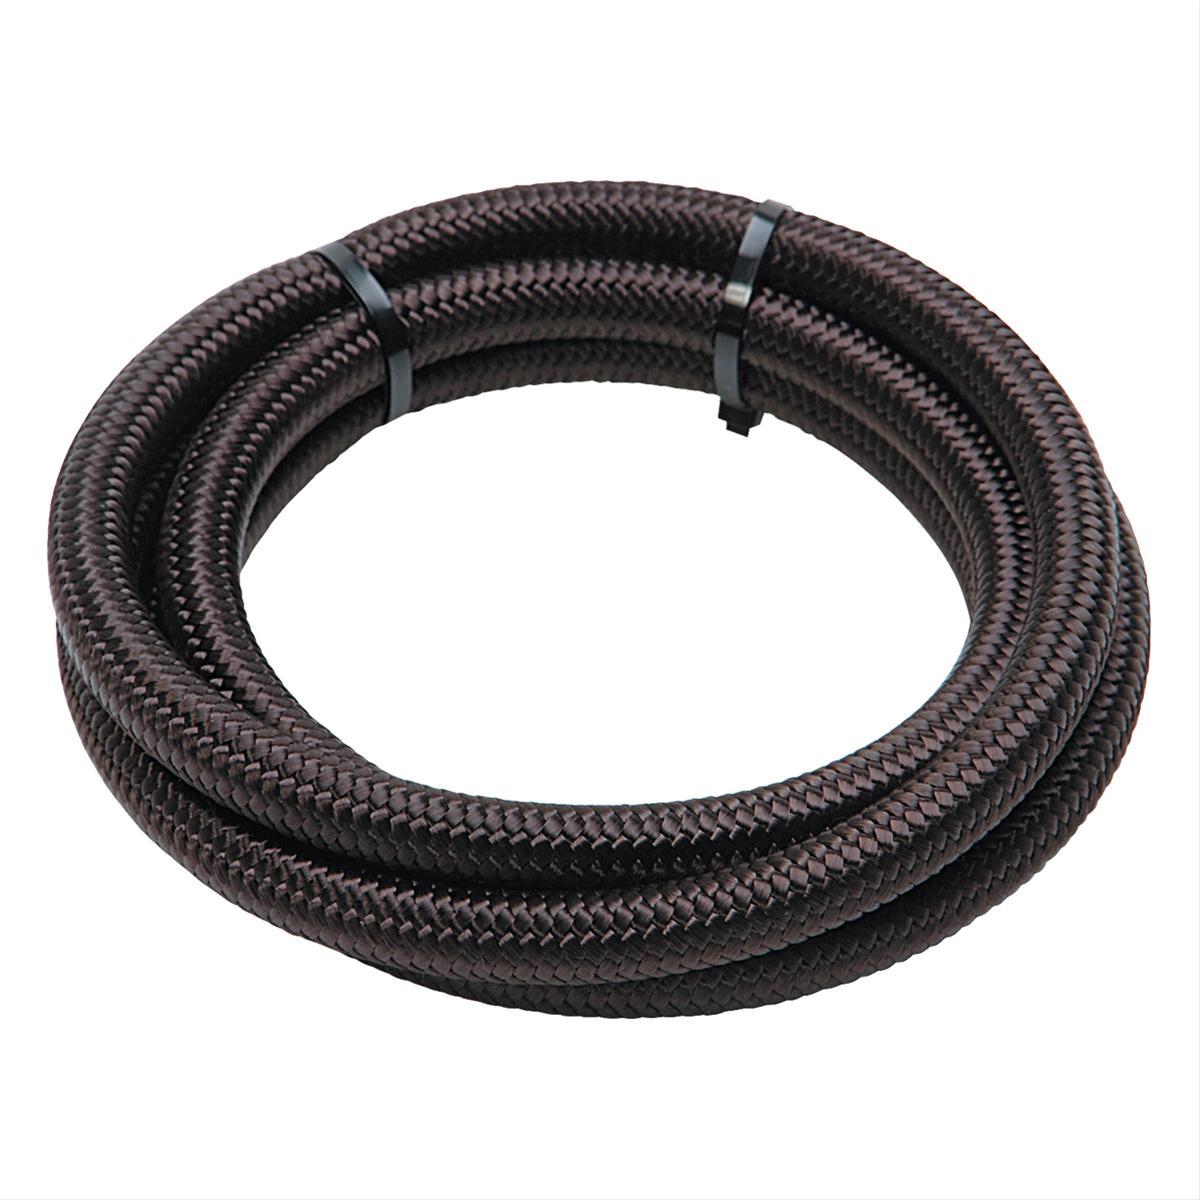 Silver Hose /& Stainless Blue Banjos Pro Braking PBR9226-SIL-BLU Rear Braided Brake Line